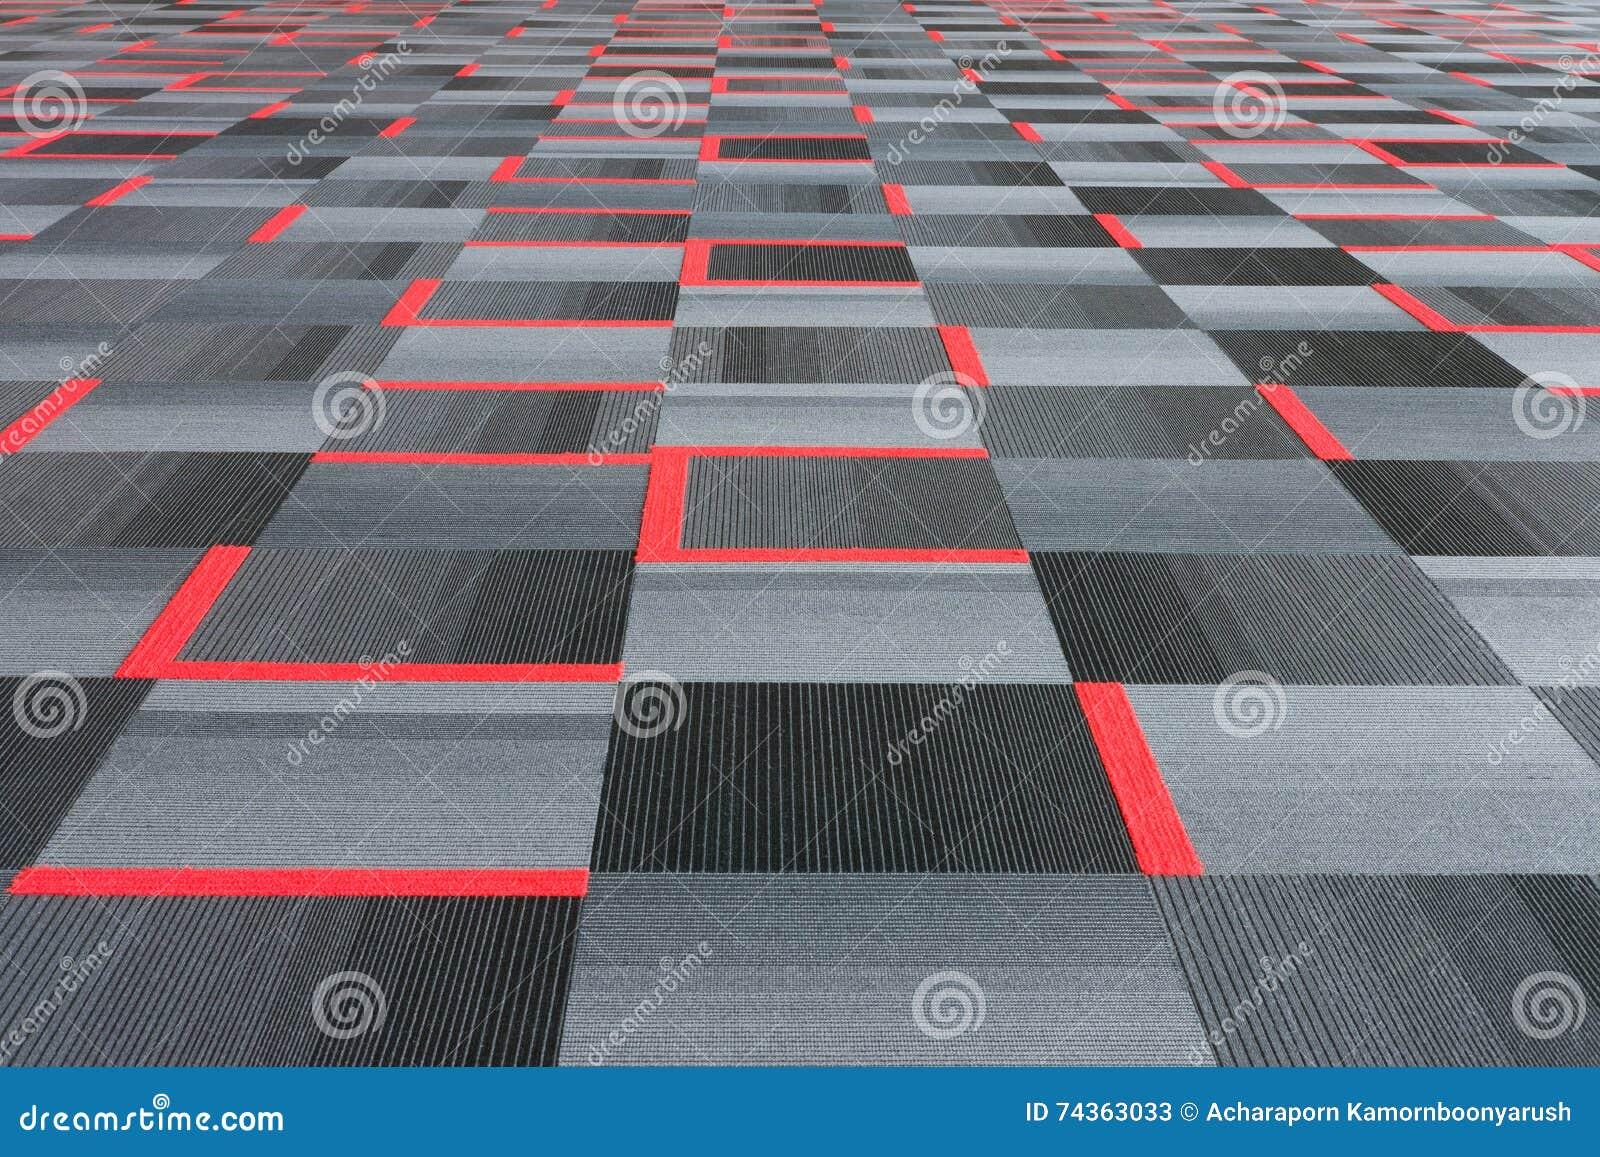 Rot Mit Grauem Teppich Stockbild Bild Von Beschaffenheit 74363033